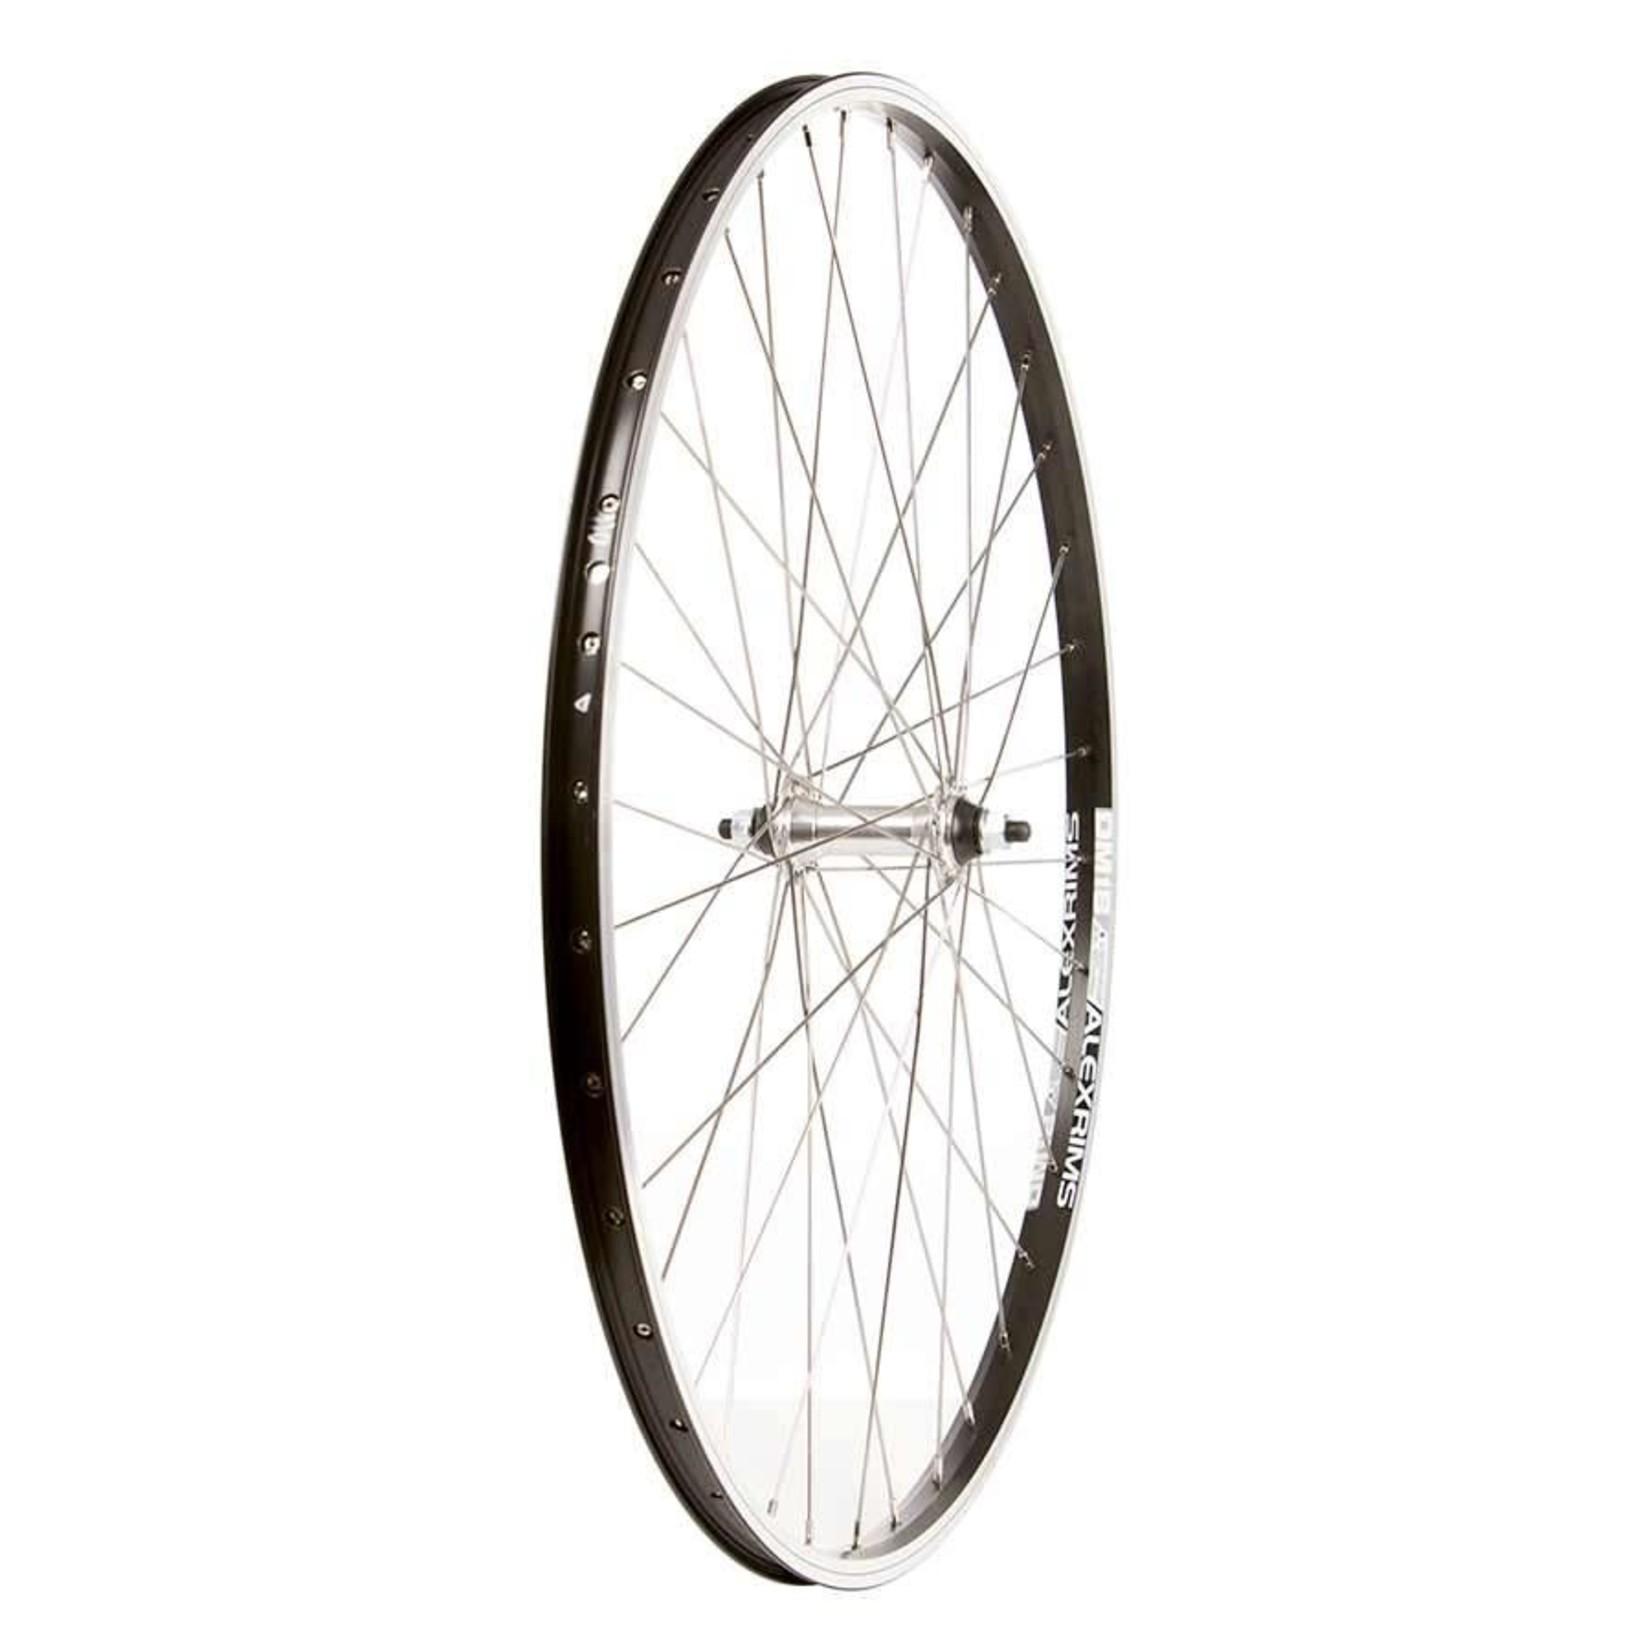 Wheel Shop, Alex DM18 Noir/ Formula FM-21-QR, Roue, Avant, 700C / 622, Trous: 36, QR, 100mm, Sur jante